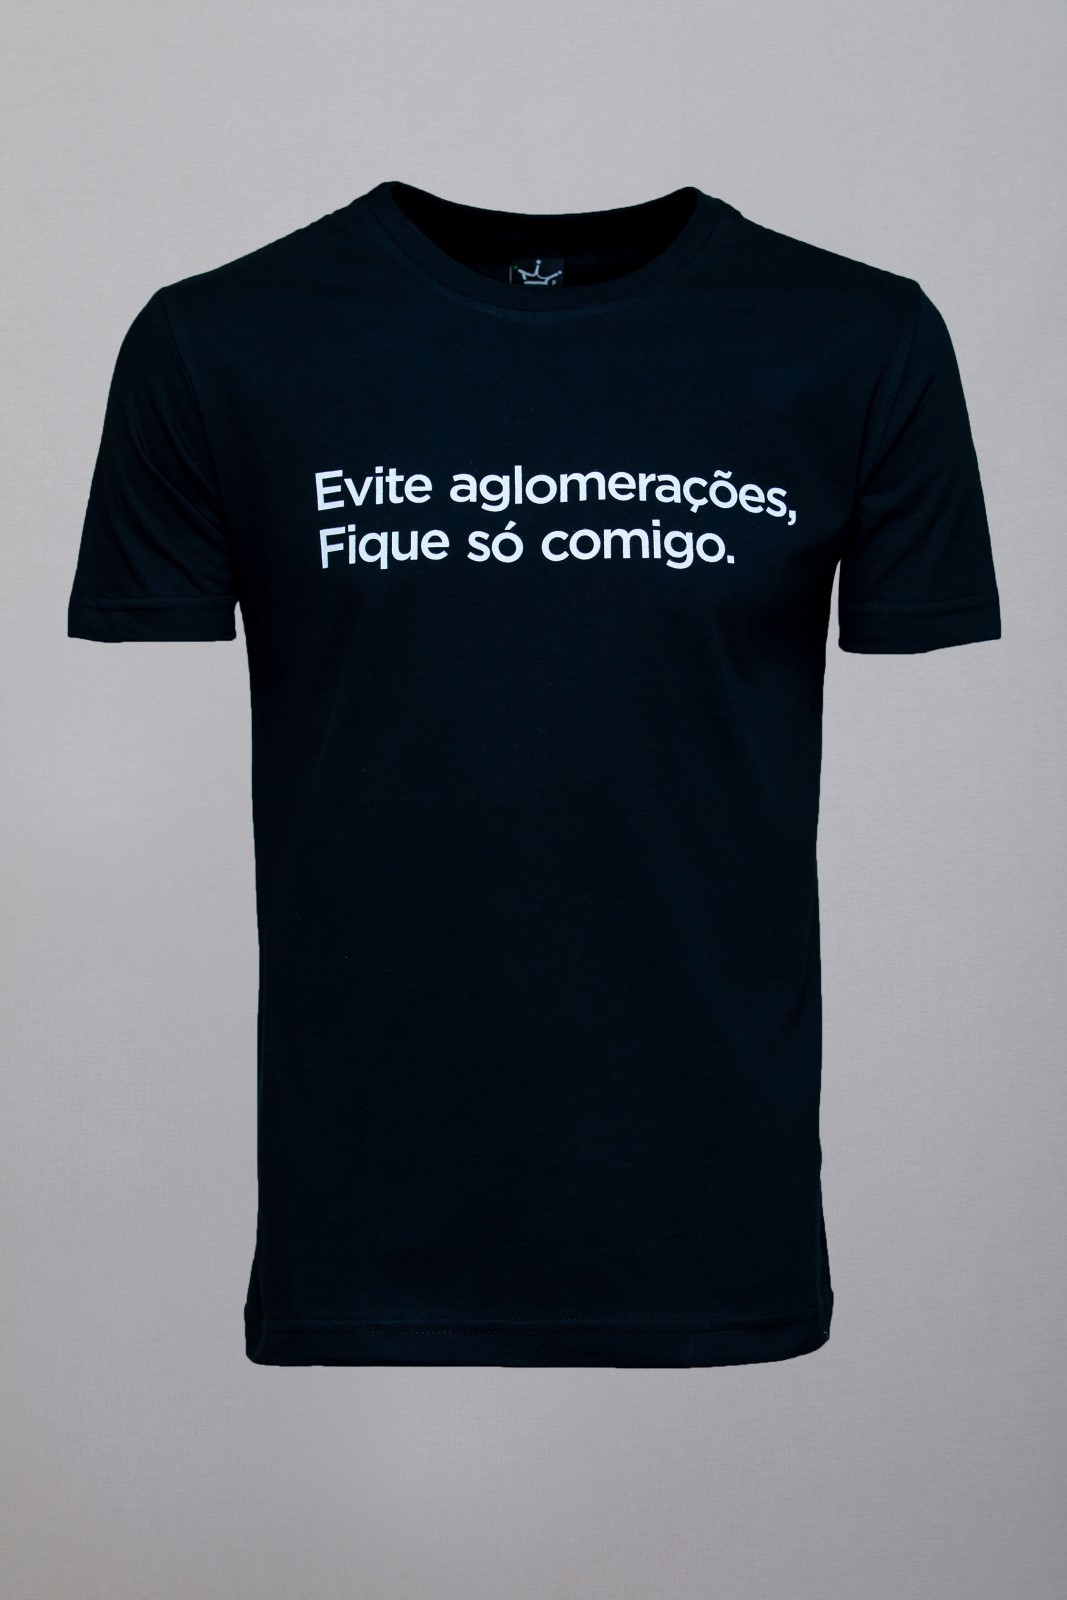 Camiseta CoolWave Evite Aglomerações Preta